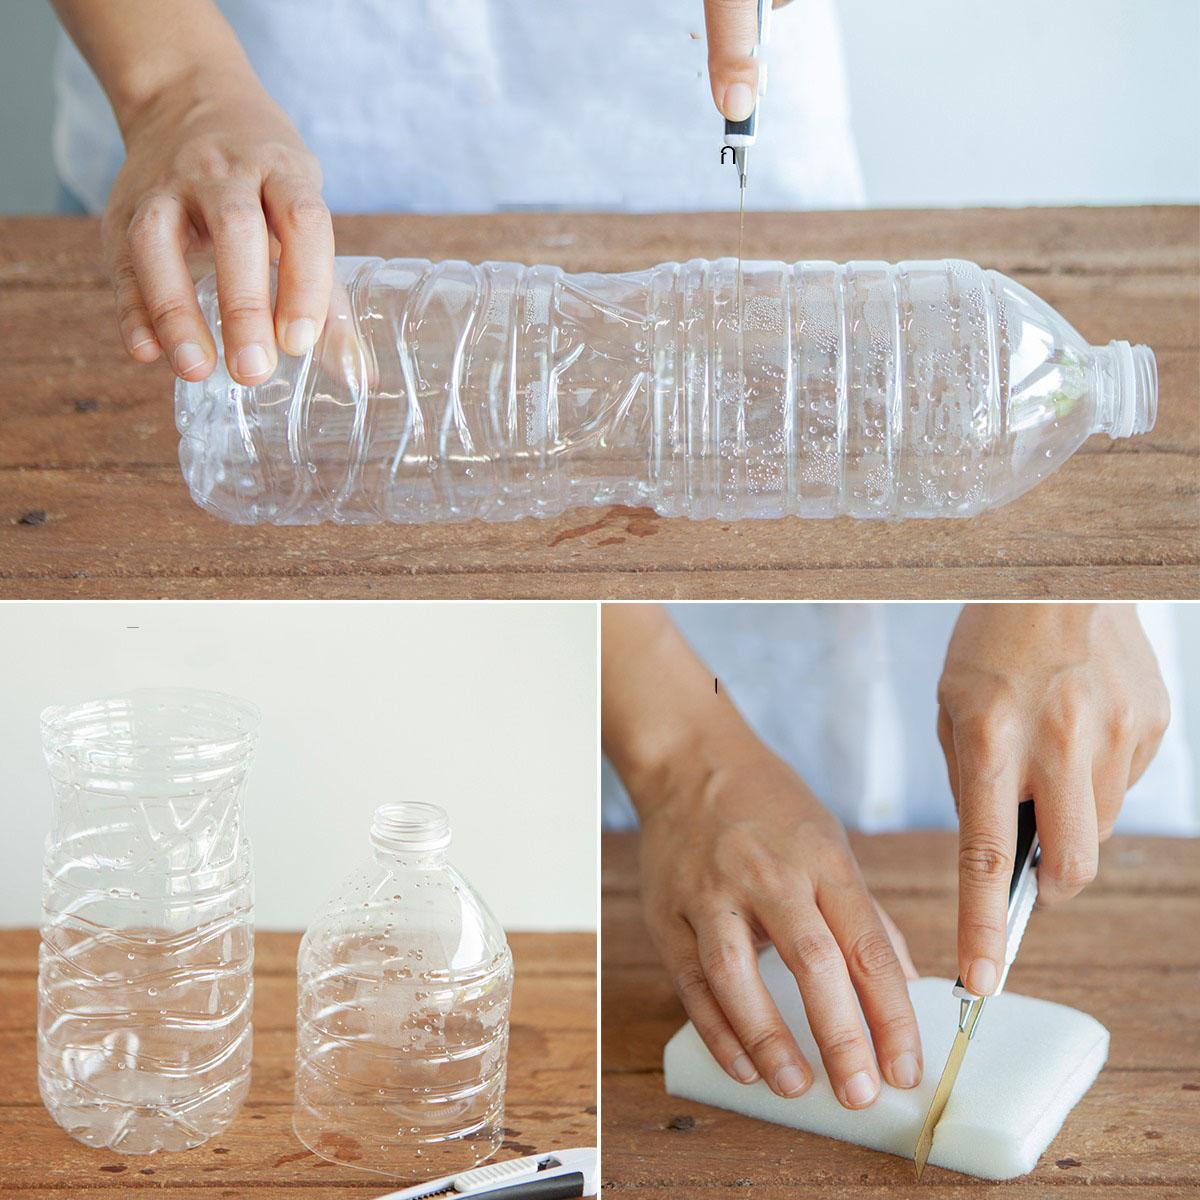 Cắt rau bỏ trong chai nhựa, cách làm đơn giản nhưng thu hoạch rau nhiều bất ngờ - Ảnh 9.